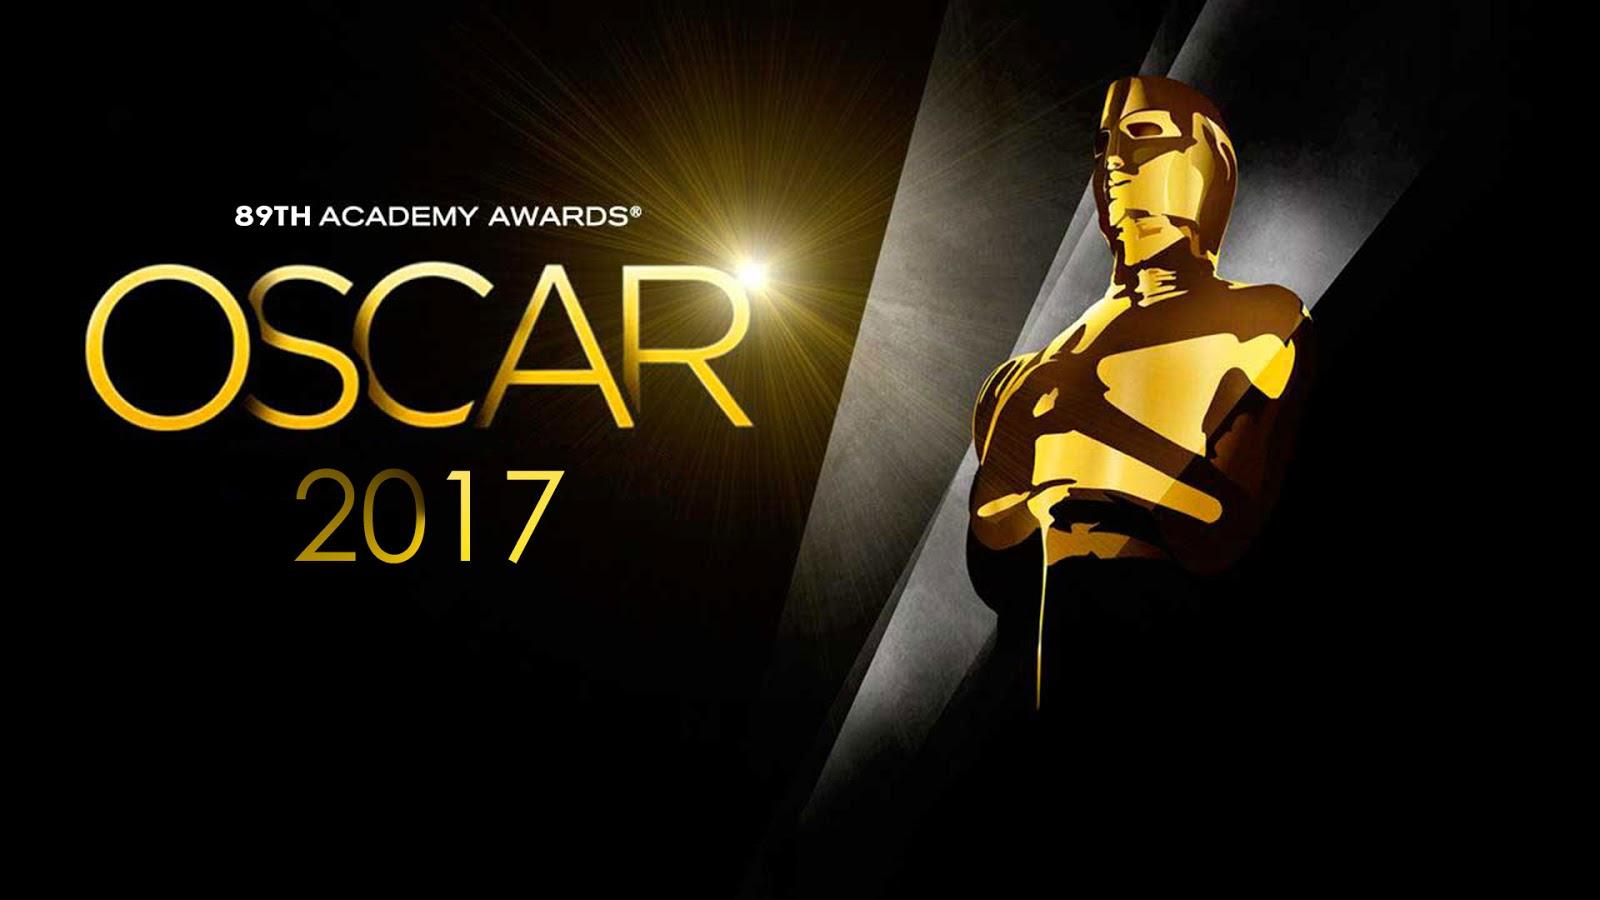 Oscar 2017: i vincitori e un giudizio personale